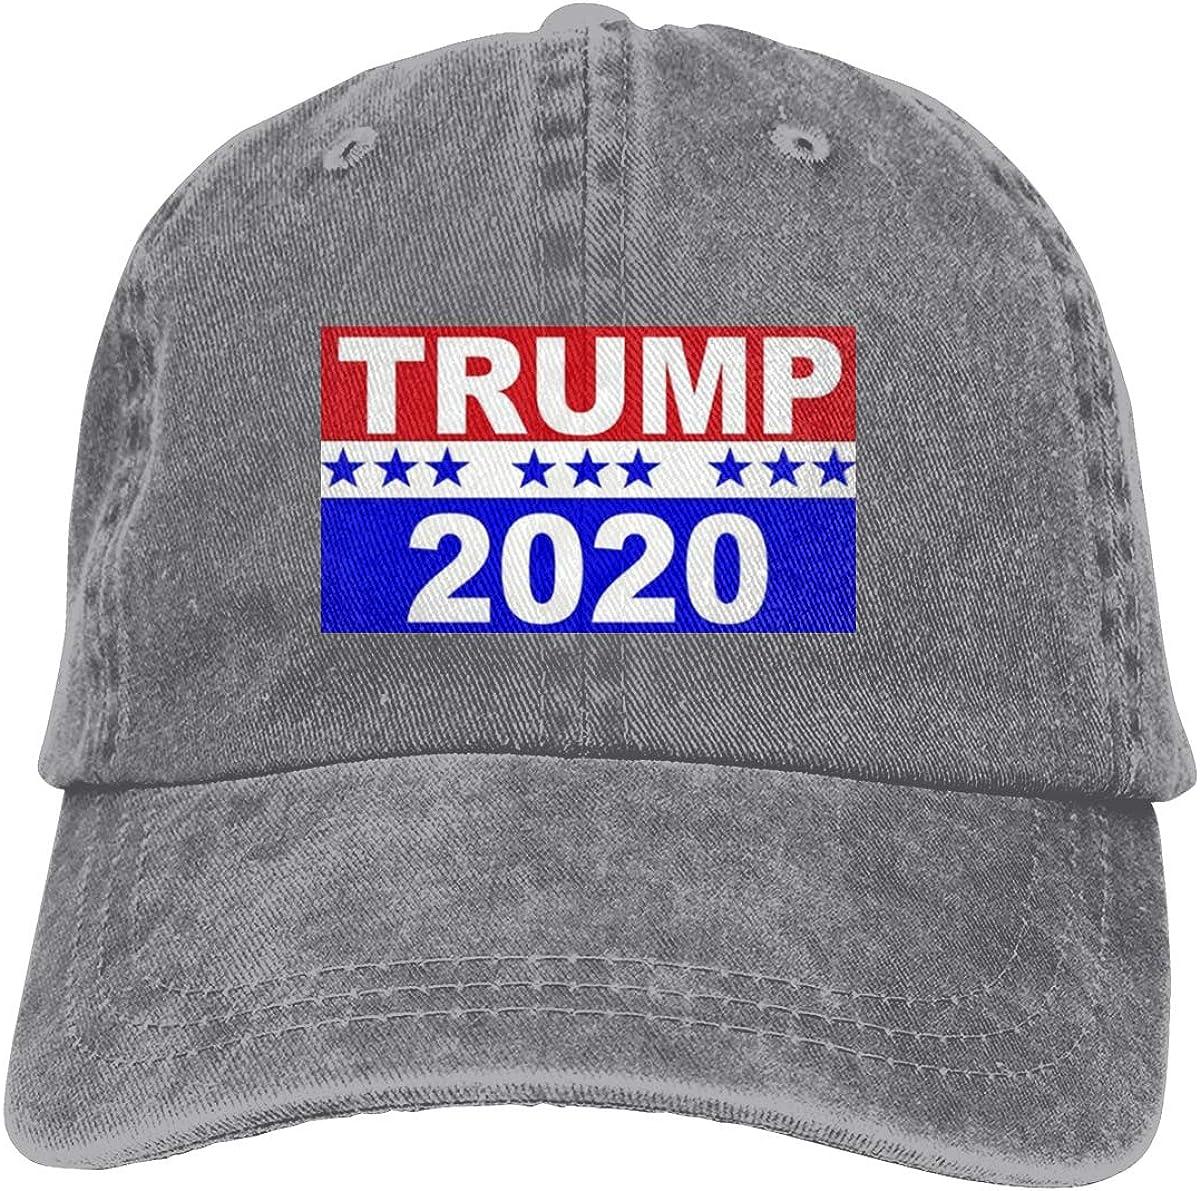 trump 2020 cowboy hat